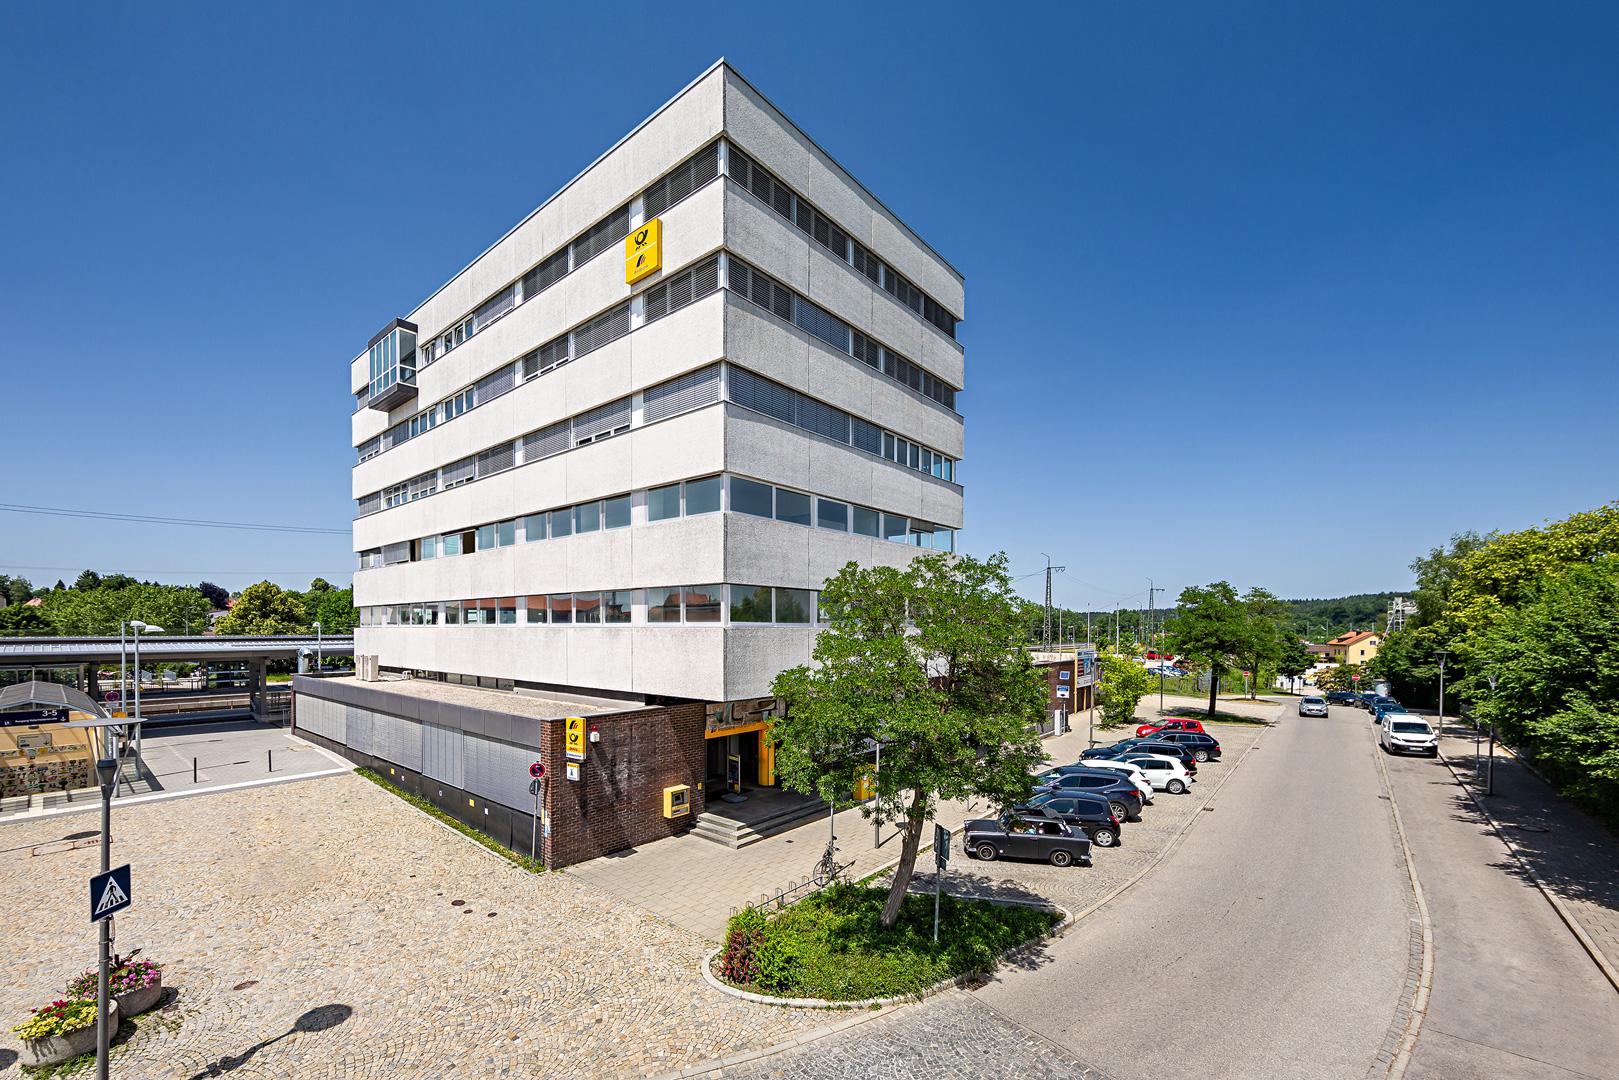 Bahnhofplatz 4 in Traunstein